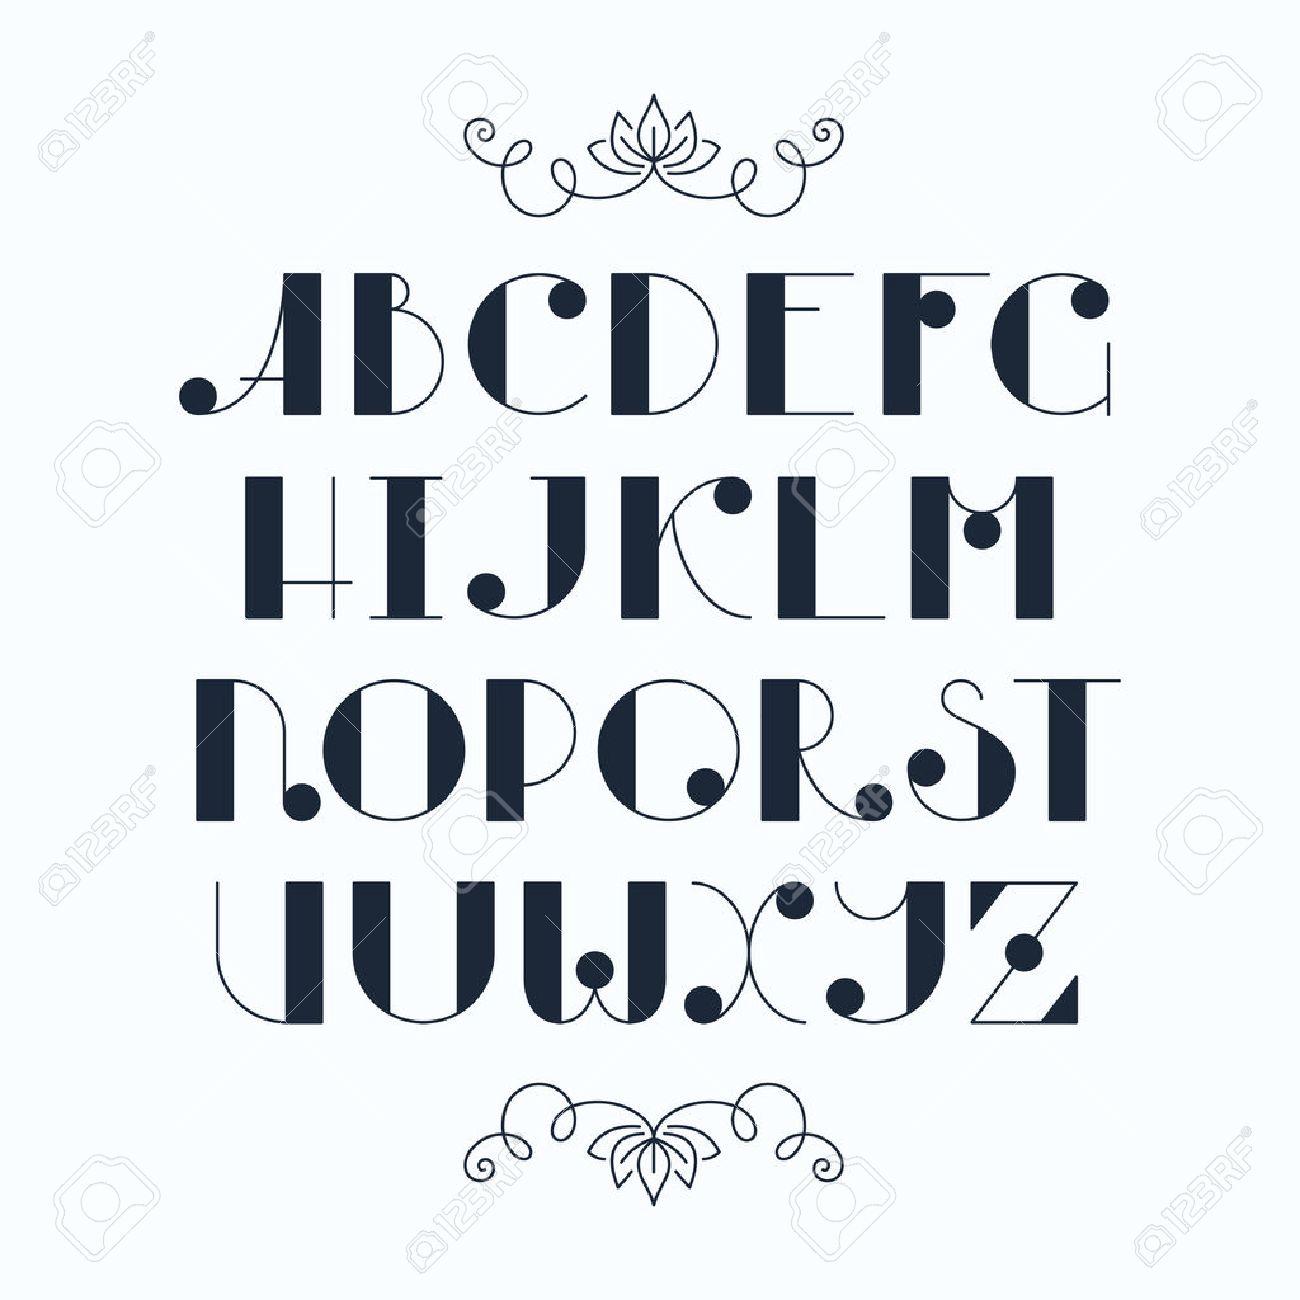 ラテン語のエレガントなかわいい typescript。大文字、単色のフォント